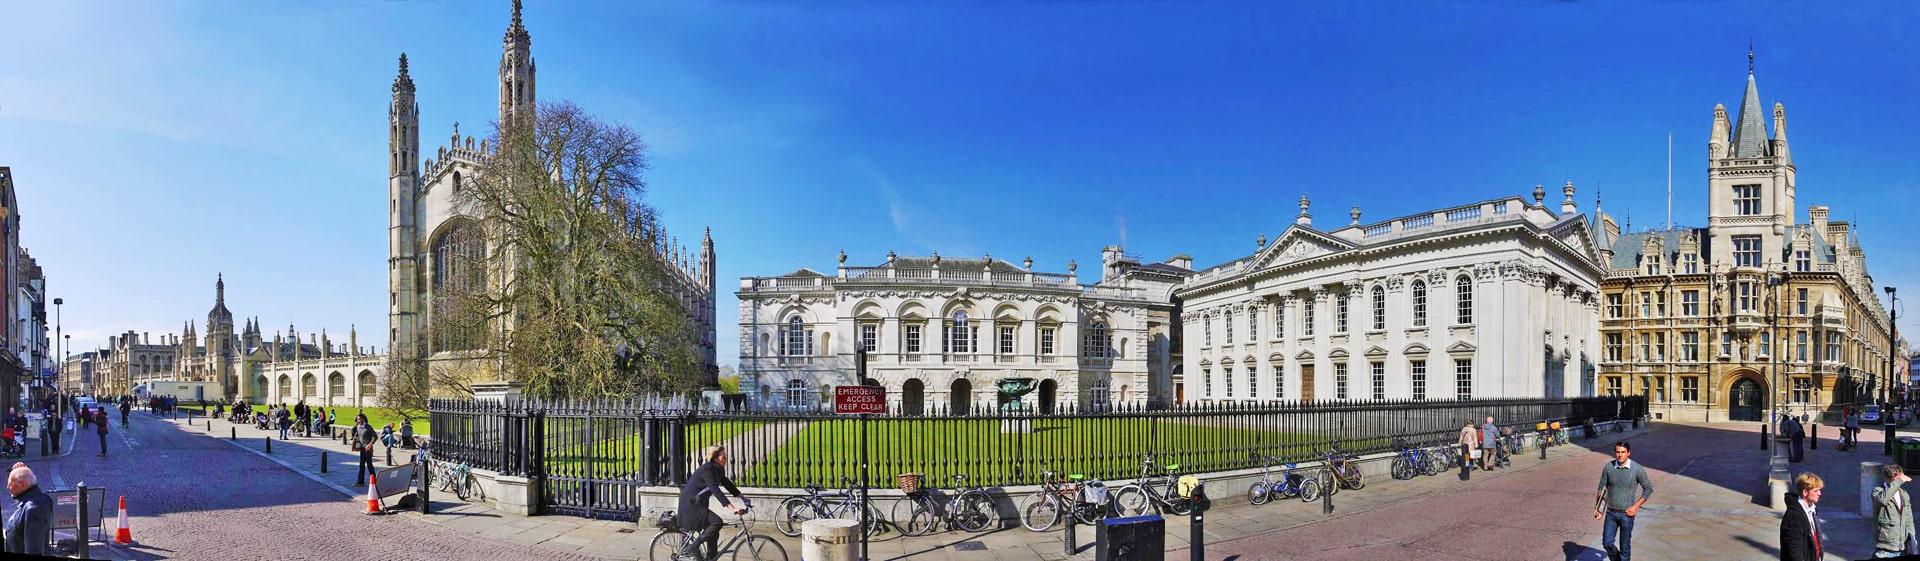 Cambridge Law Studio – Escuela de inglés jurídico en Cambridge